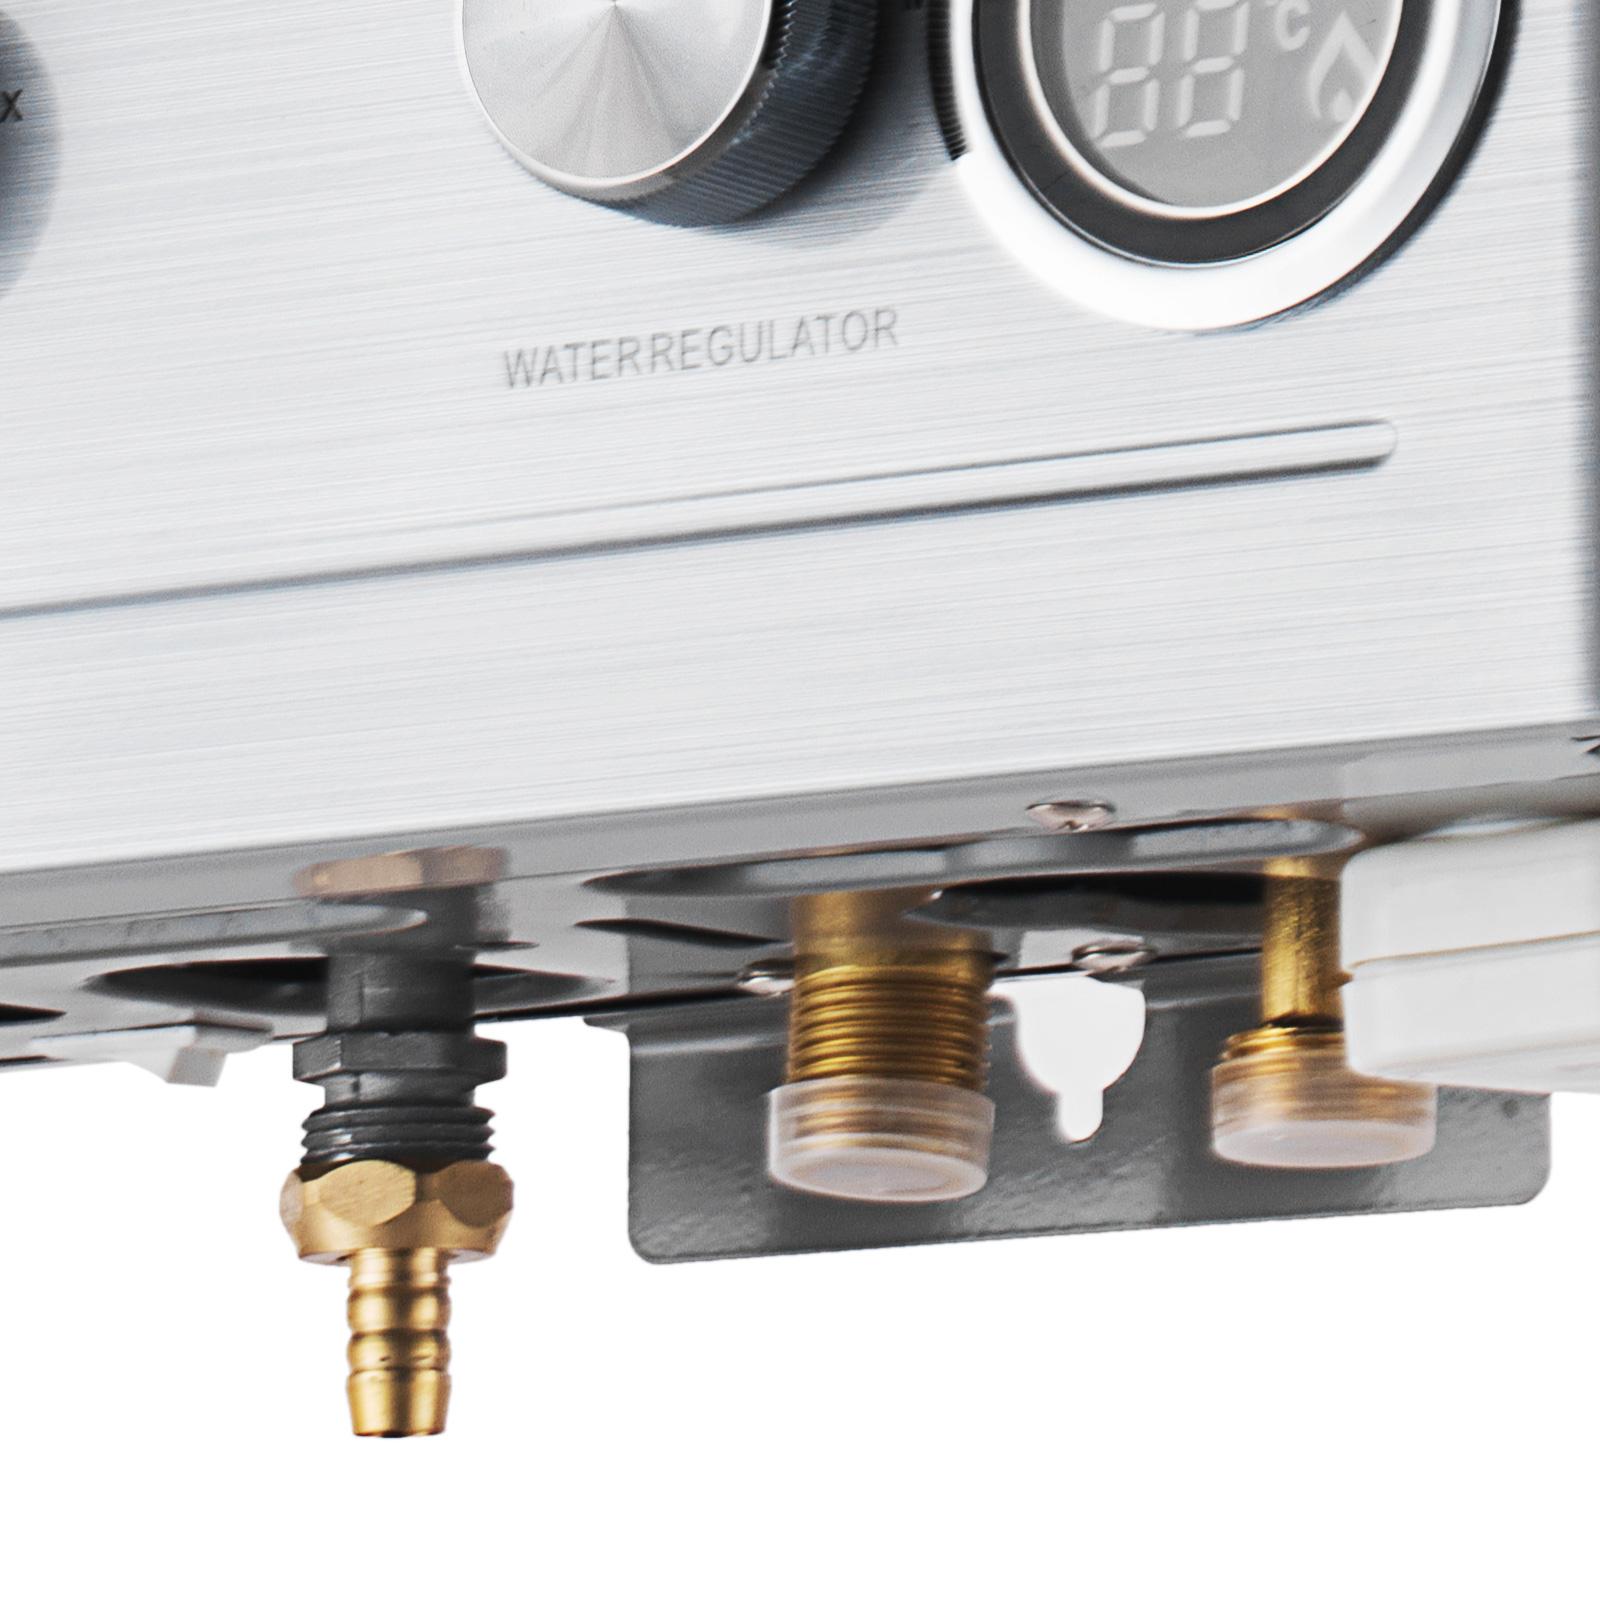 12L Natural Gas Durchlauferhitzer Warmwasserbereiter Warmwasserboiler